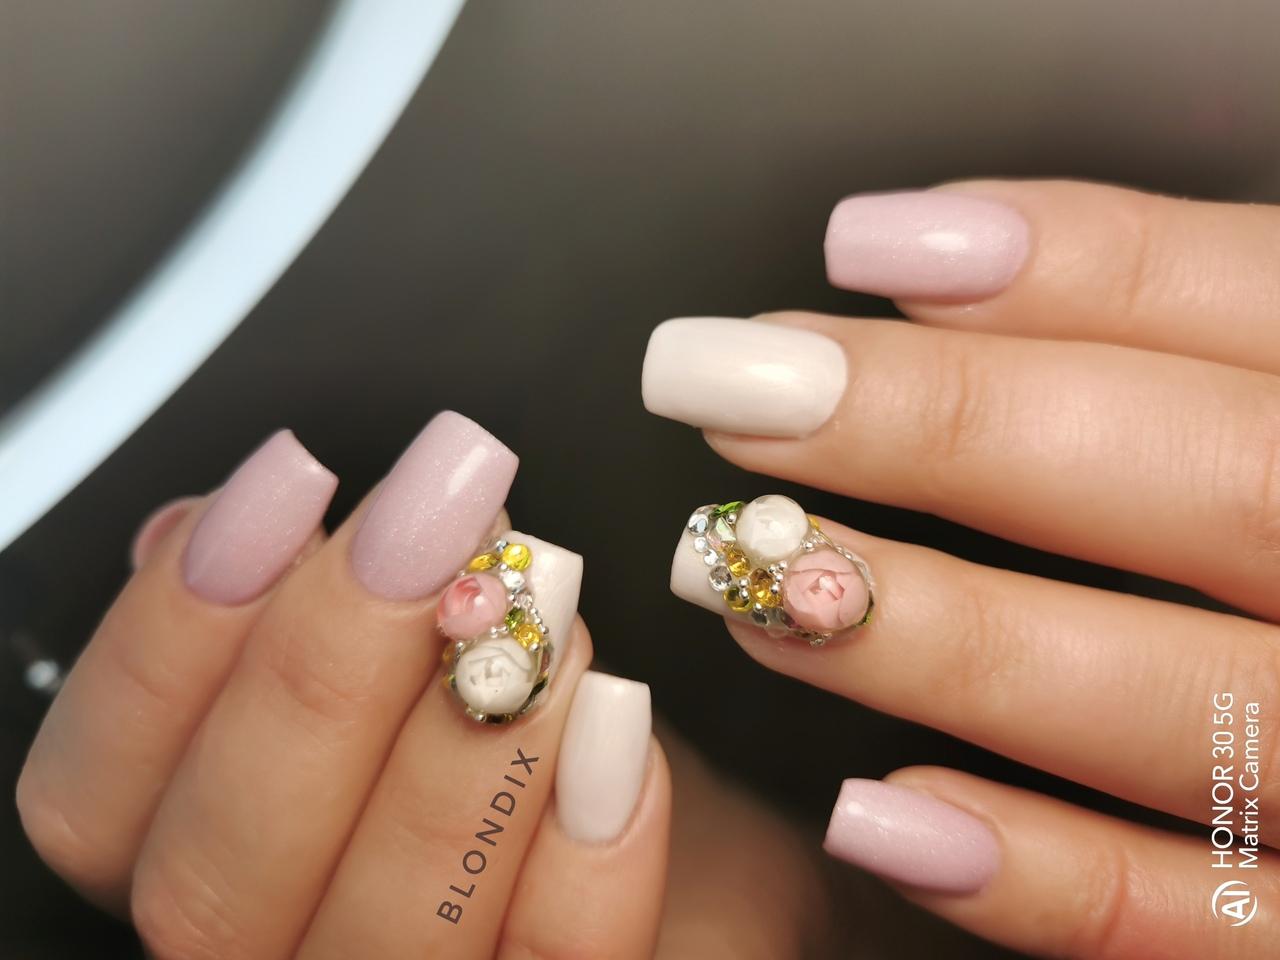 Маникюр с цветочной лепкой в пастельных тонах на длинные ногти.